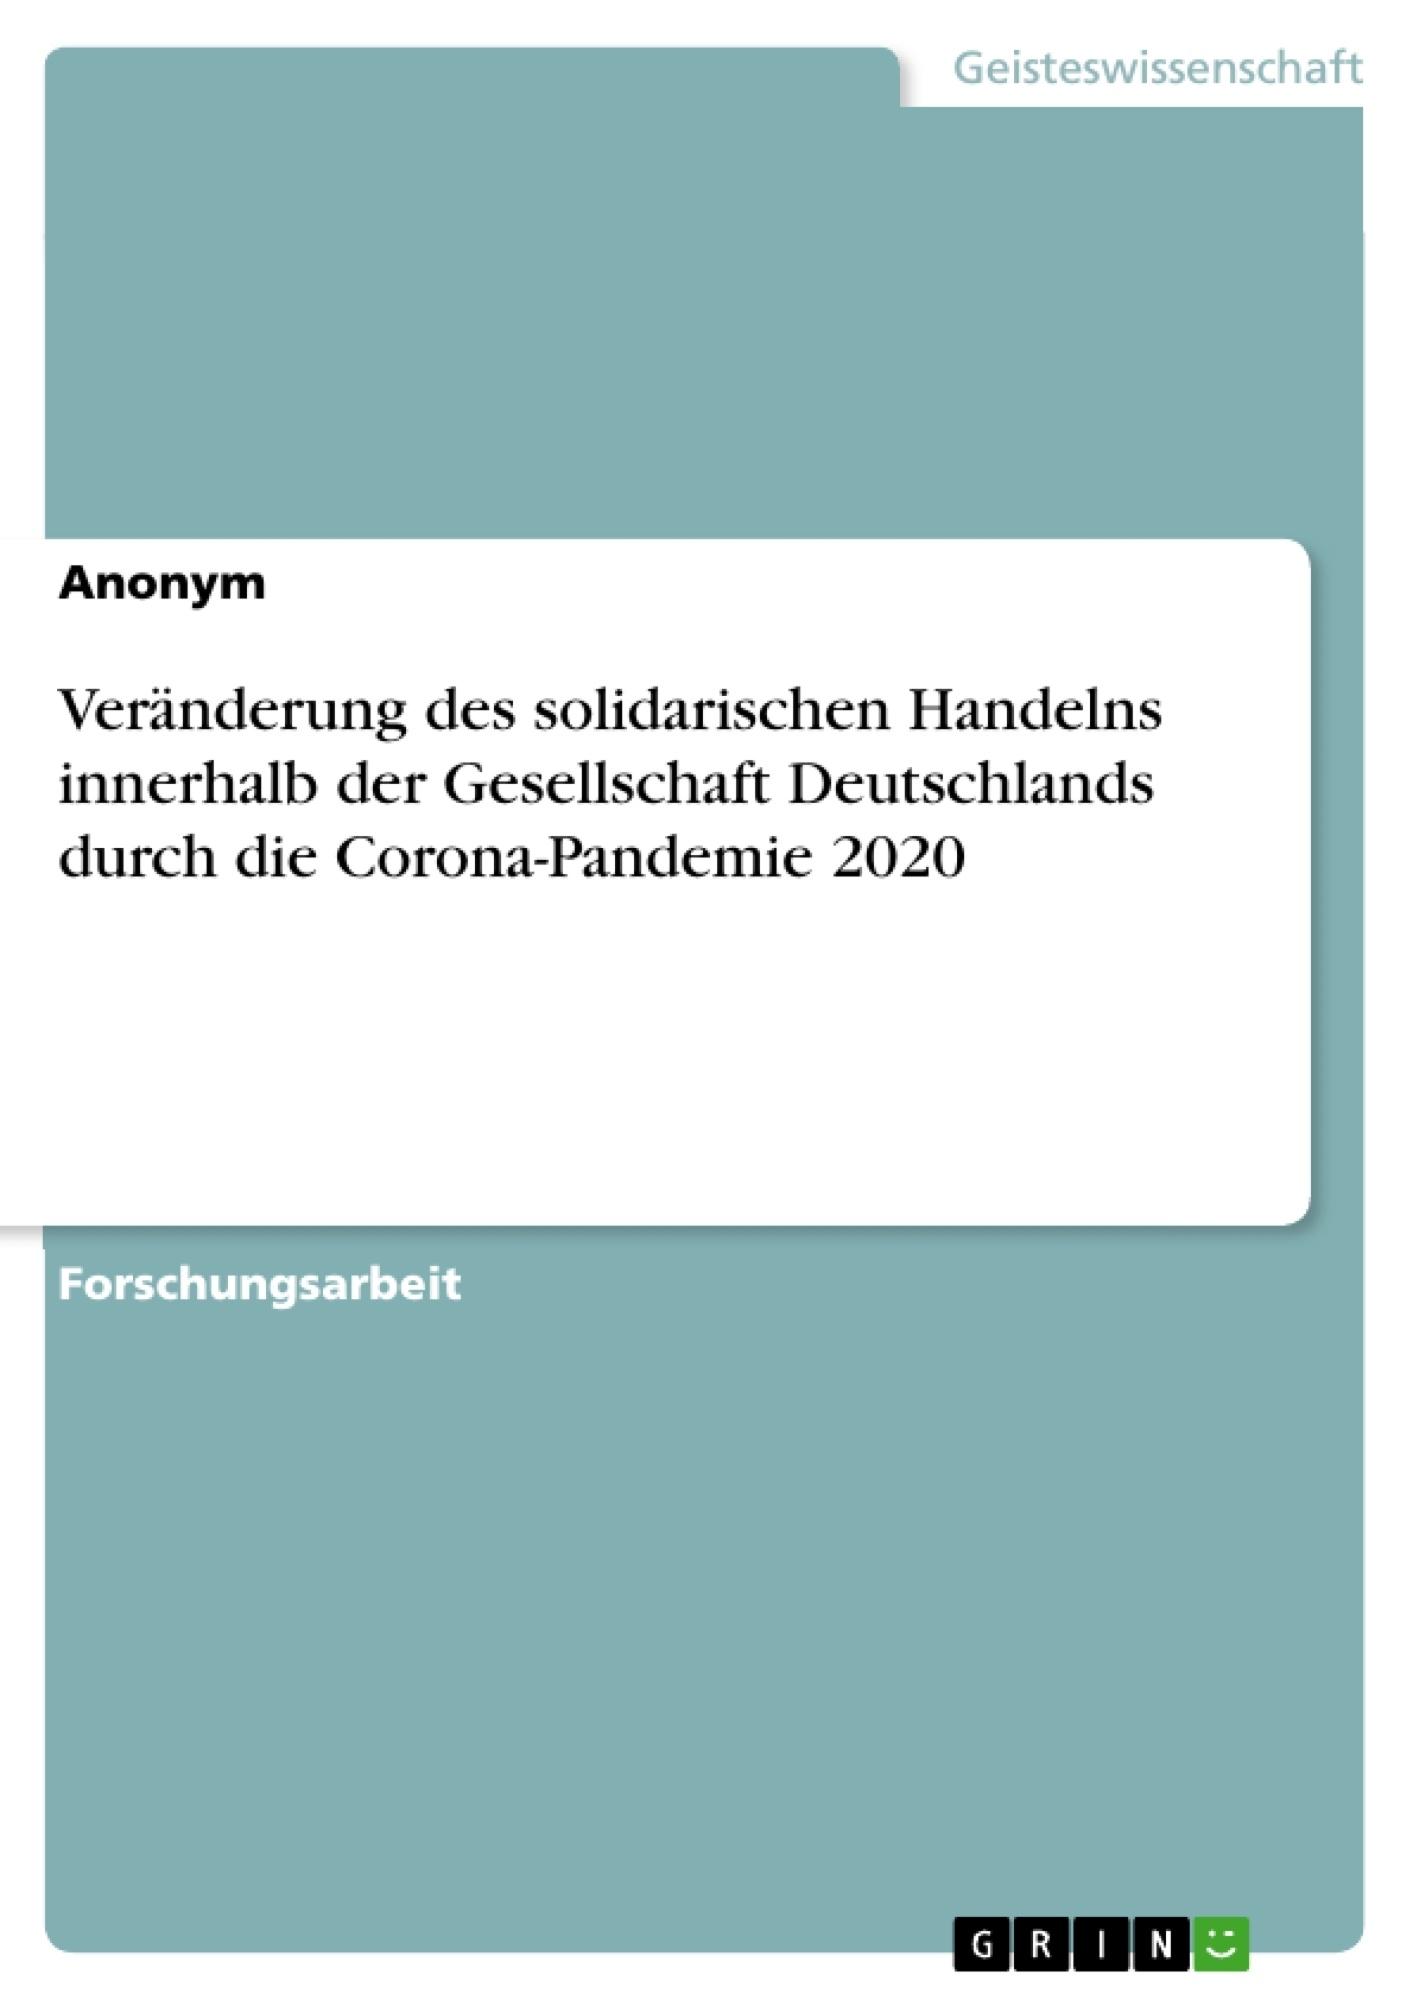 Titel: Veränderung des solidarischen Handelns innerhalb der Gesellschaft Deutschlands durch die Corona-Pandemie 2020